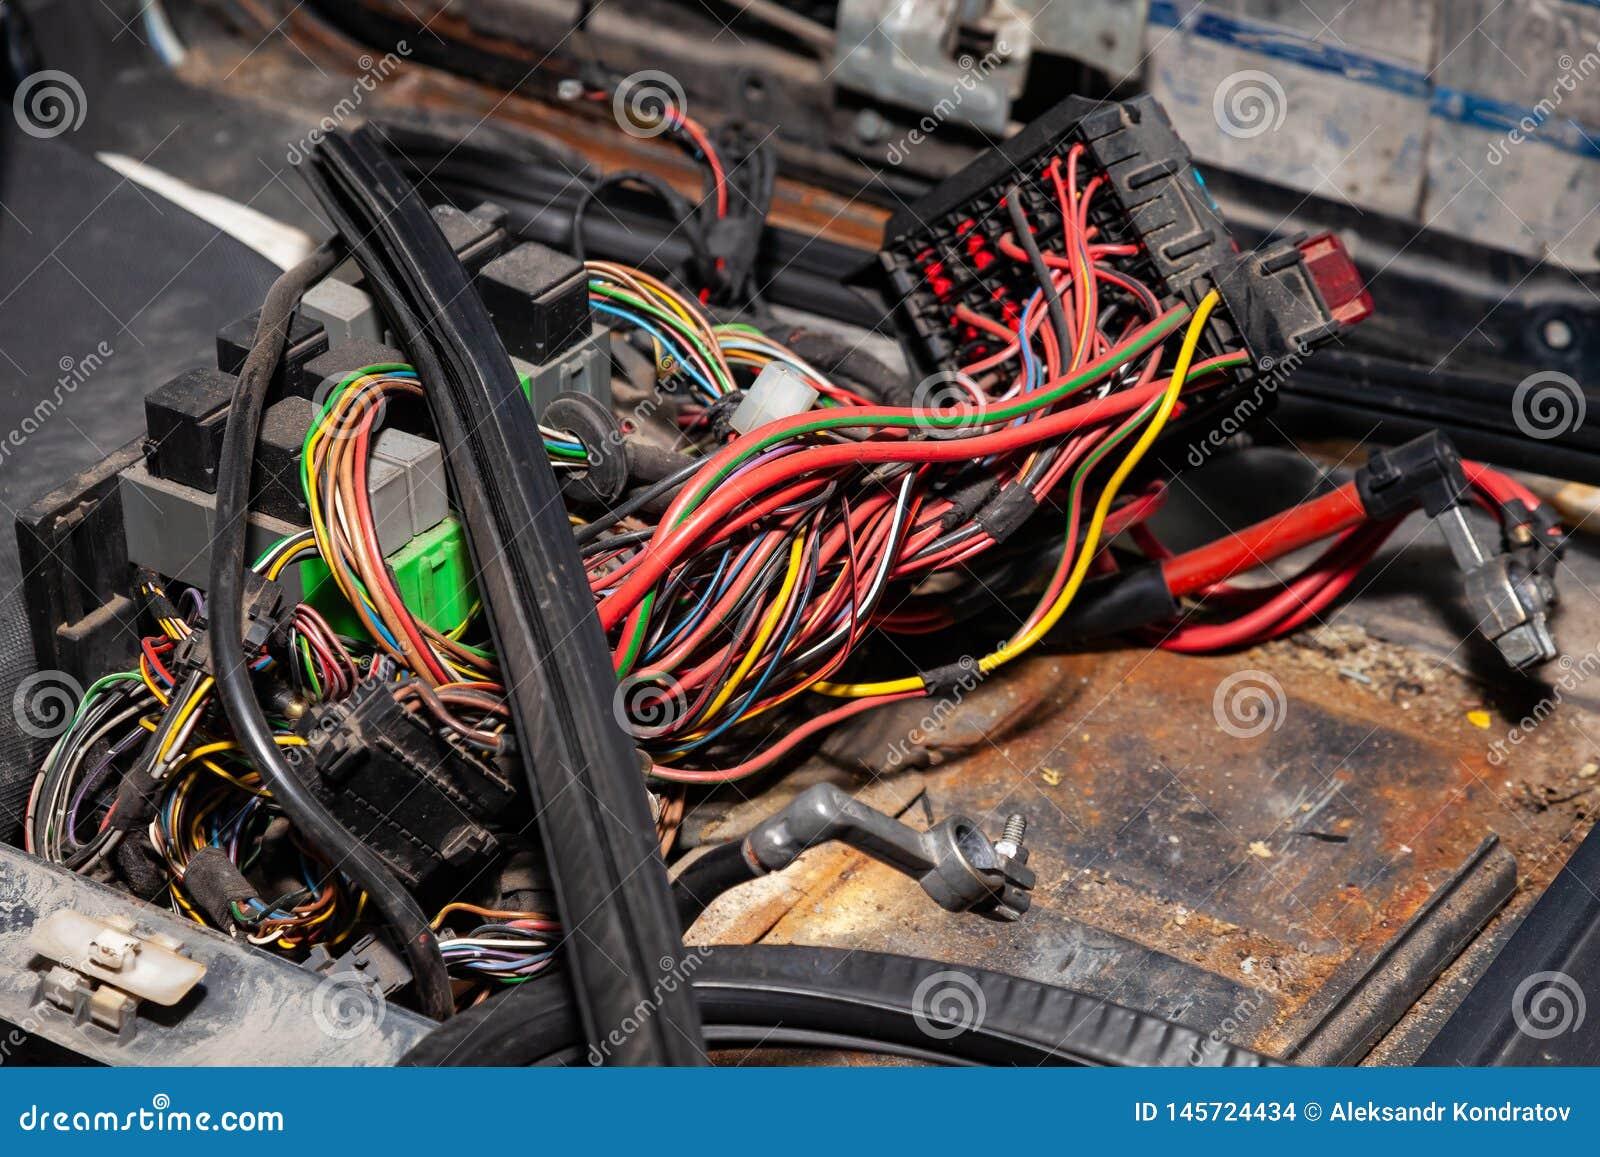 Μεγάλο ευρύ καλώδιο με τα πολύχρωμους κόκκινους και πράσινους καλώδια και τους συνδετήρες και τερματικά στο κατάστημα επισκευής κ